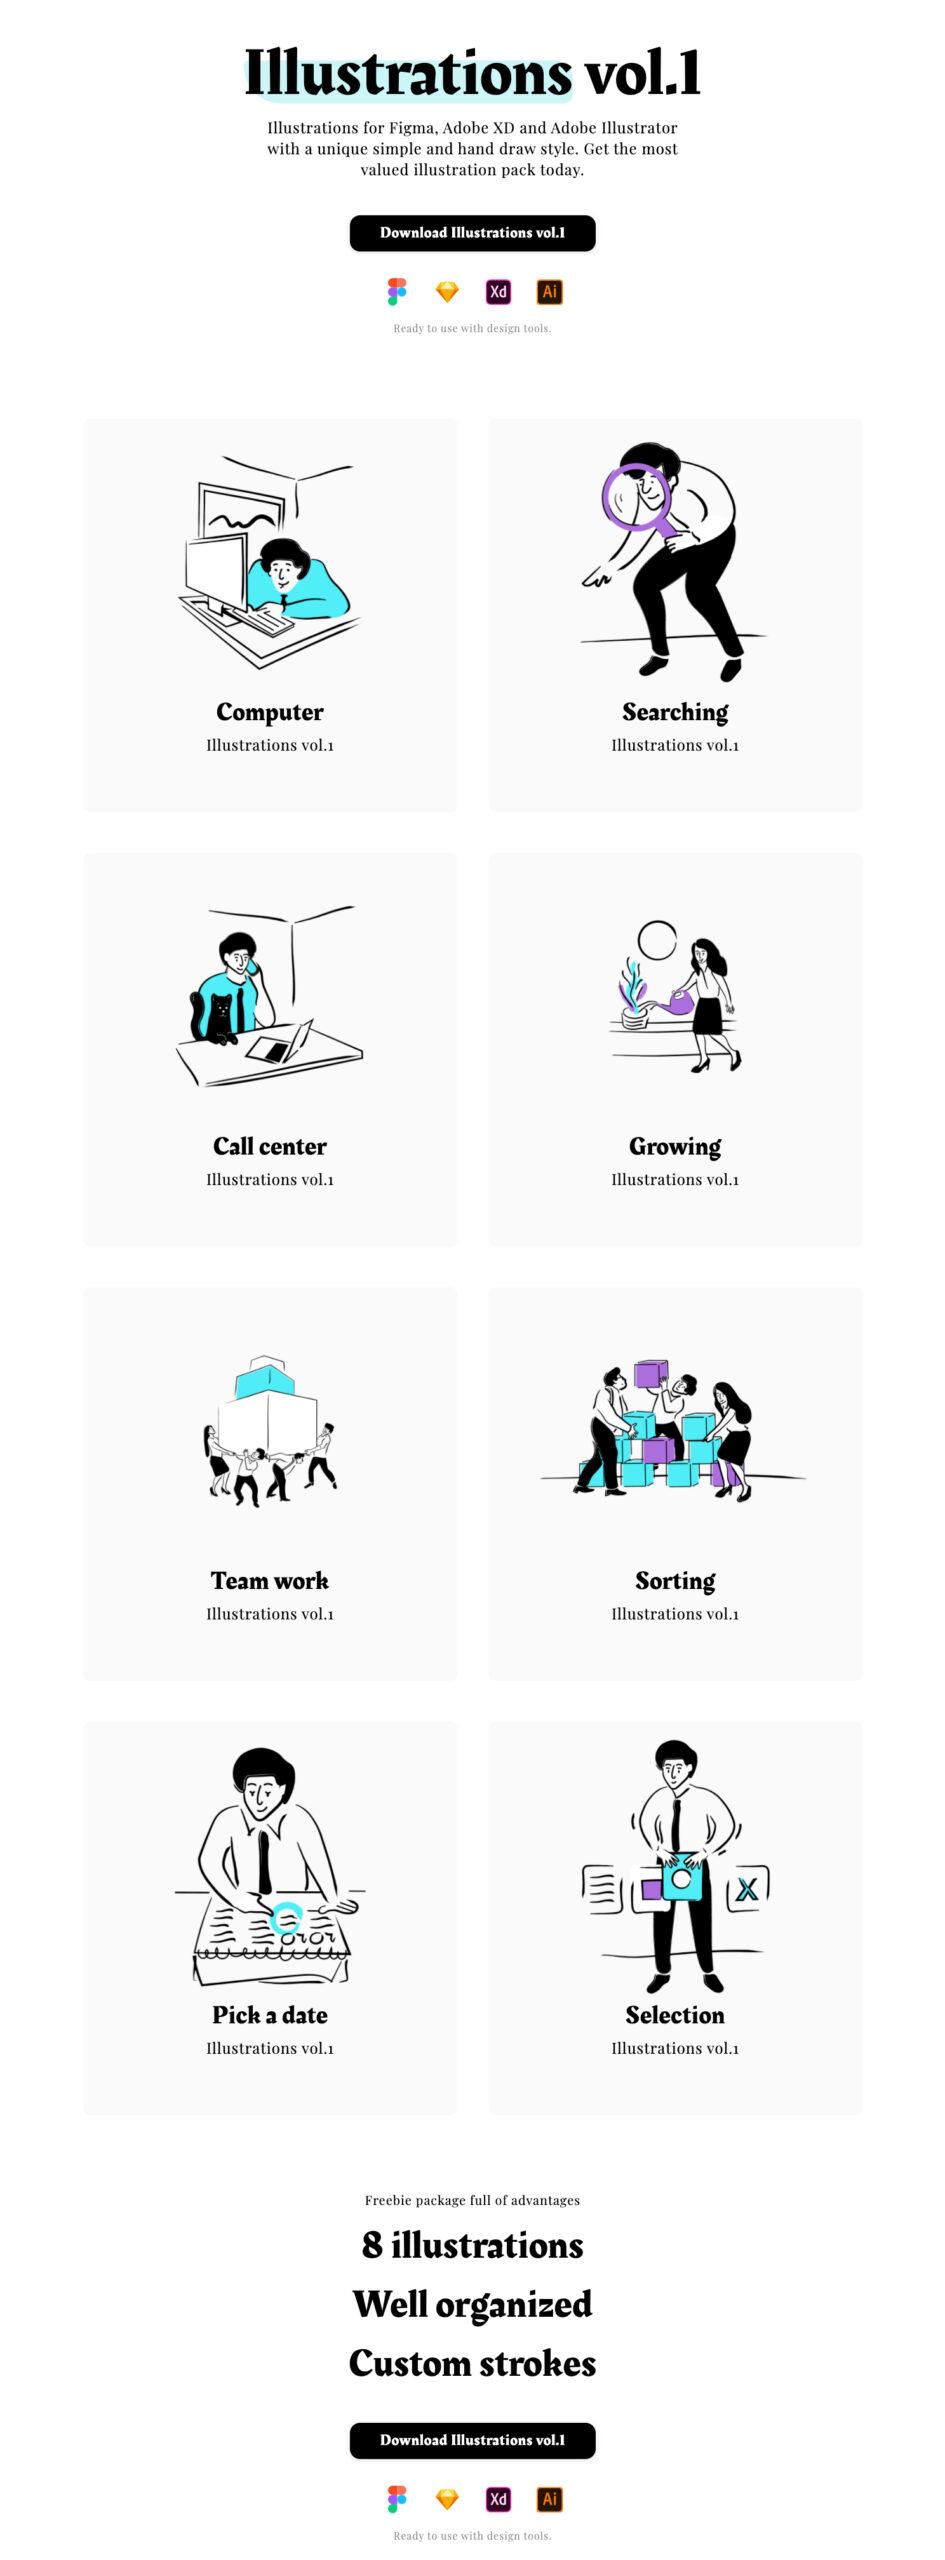 搬砖人概念插画v1 Illustrations vol.1插图